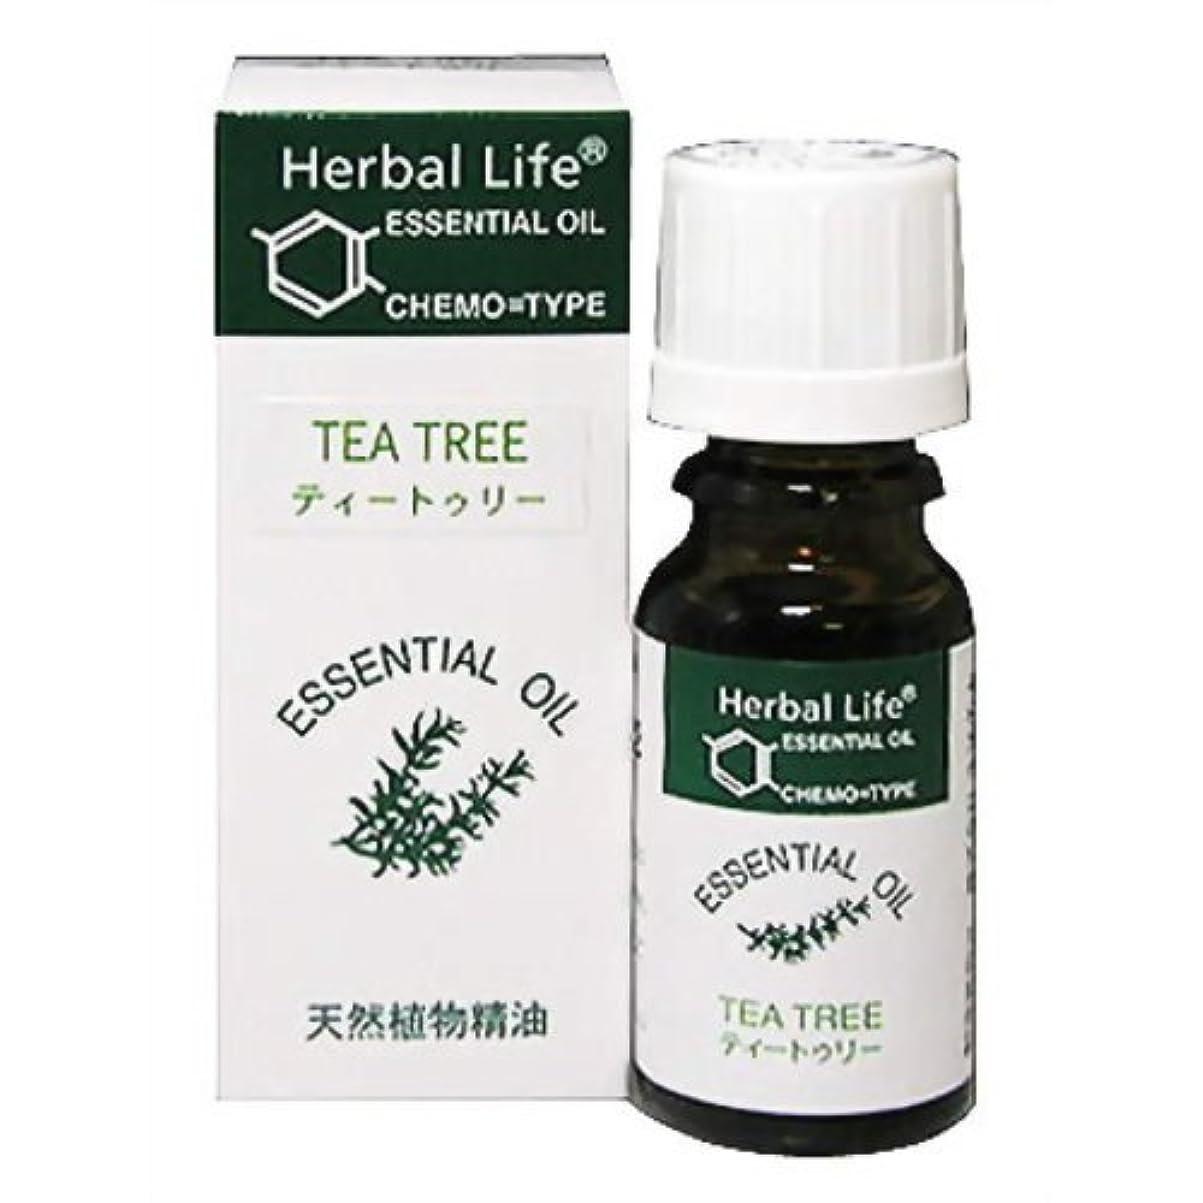 モッキンバード悪化させる不規則性Herbal Life ティートゥリー 10ml